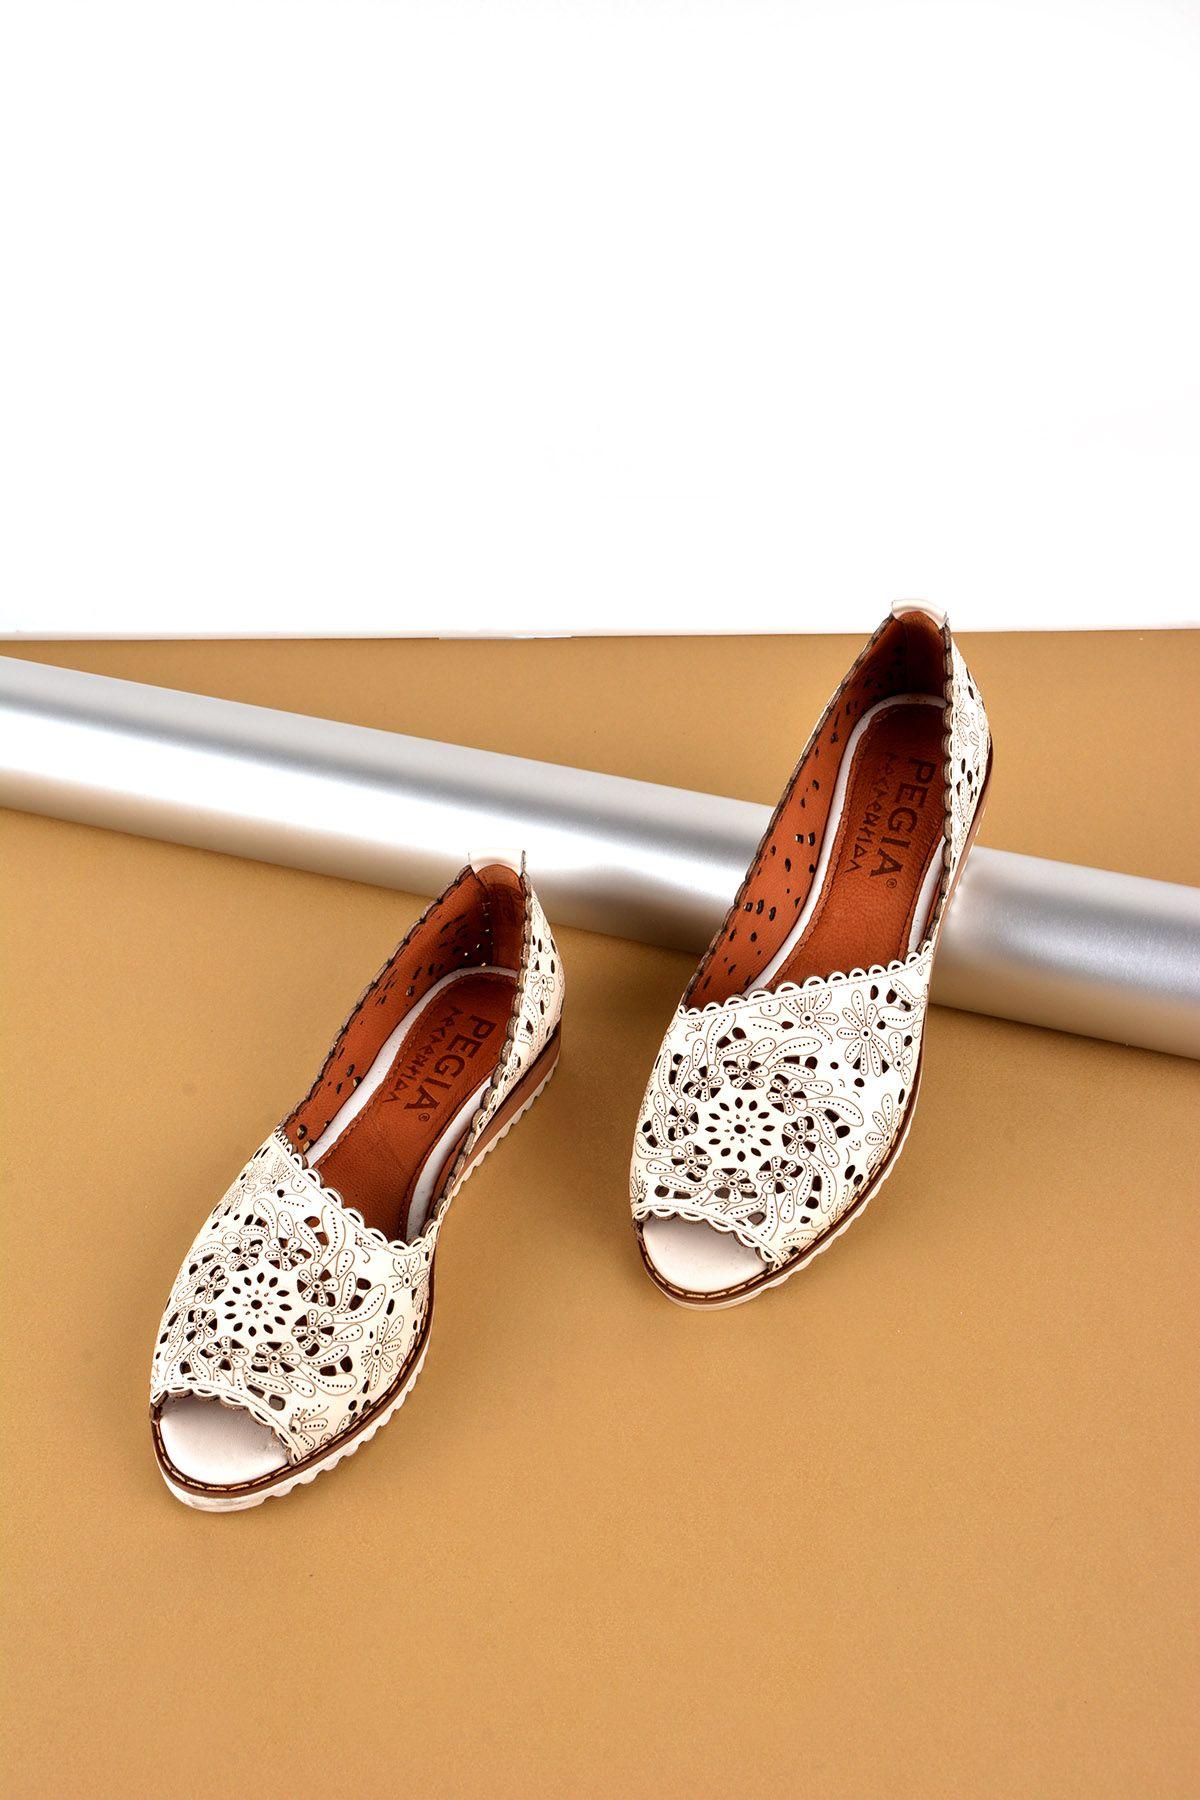 Pegia Открытая Женская Обувь Из Натуральной Кожи REC-135 Белый